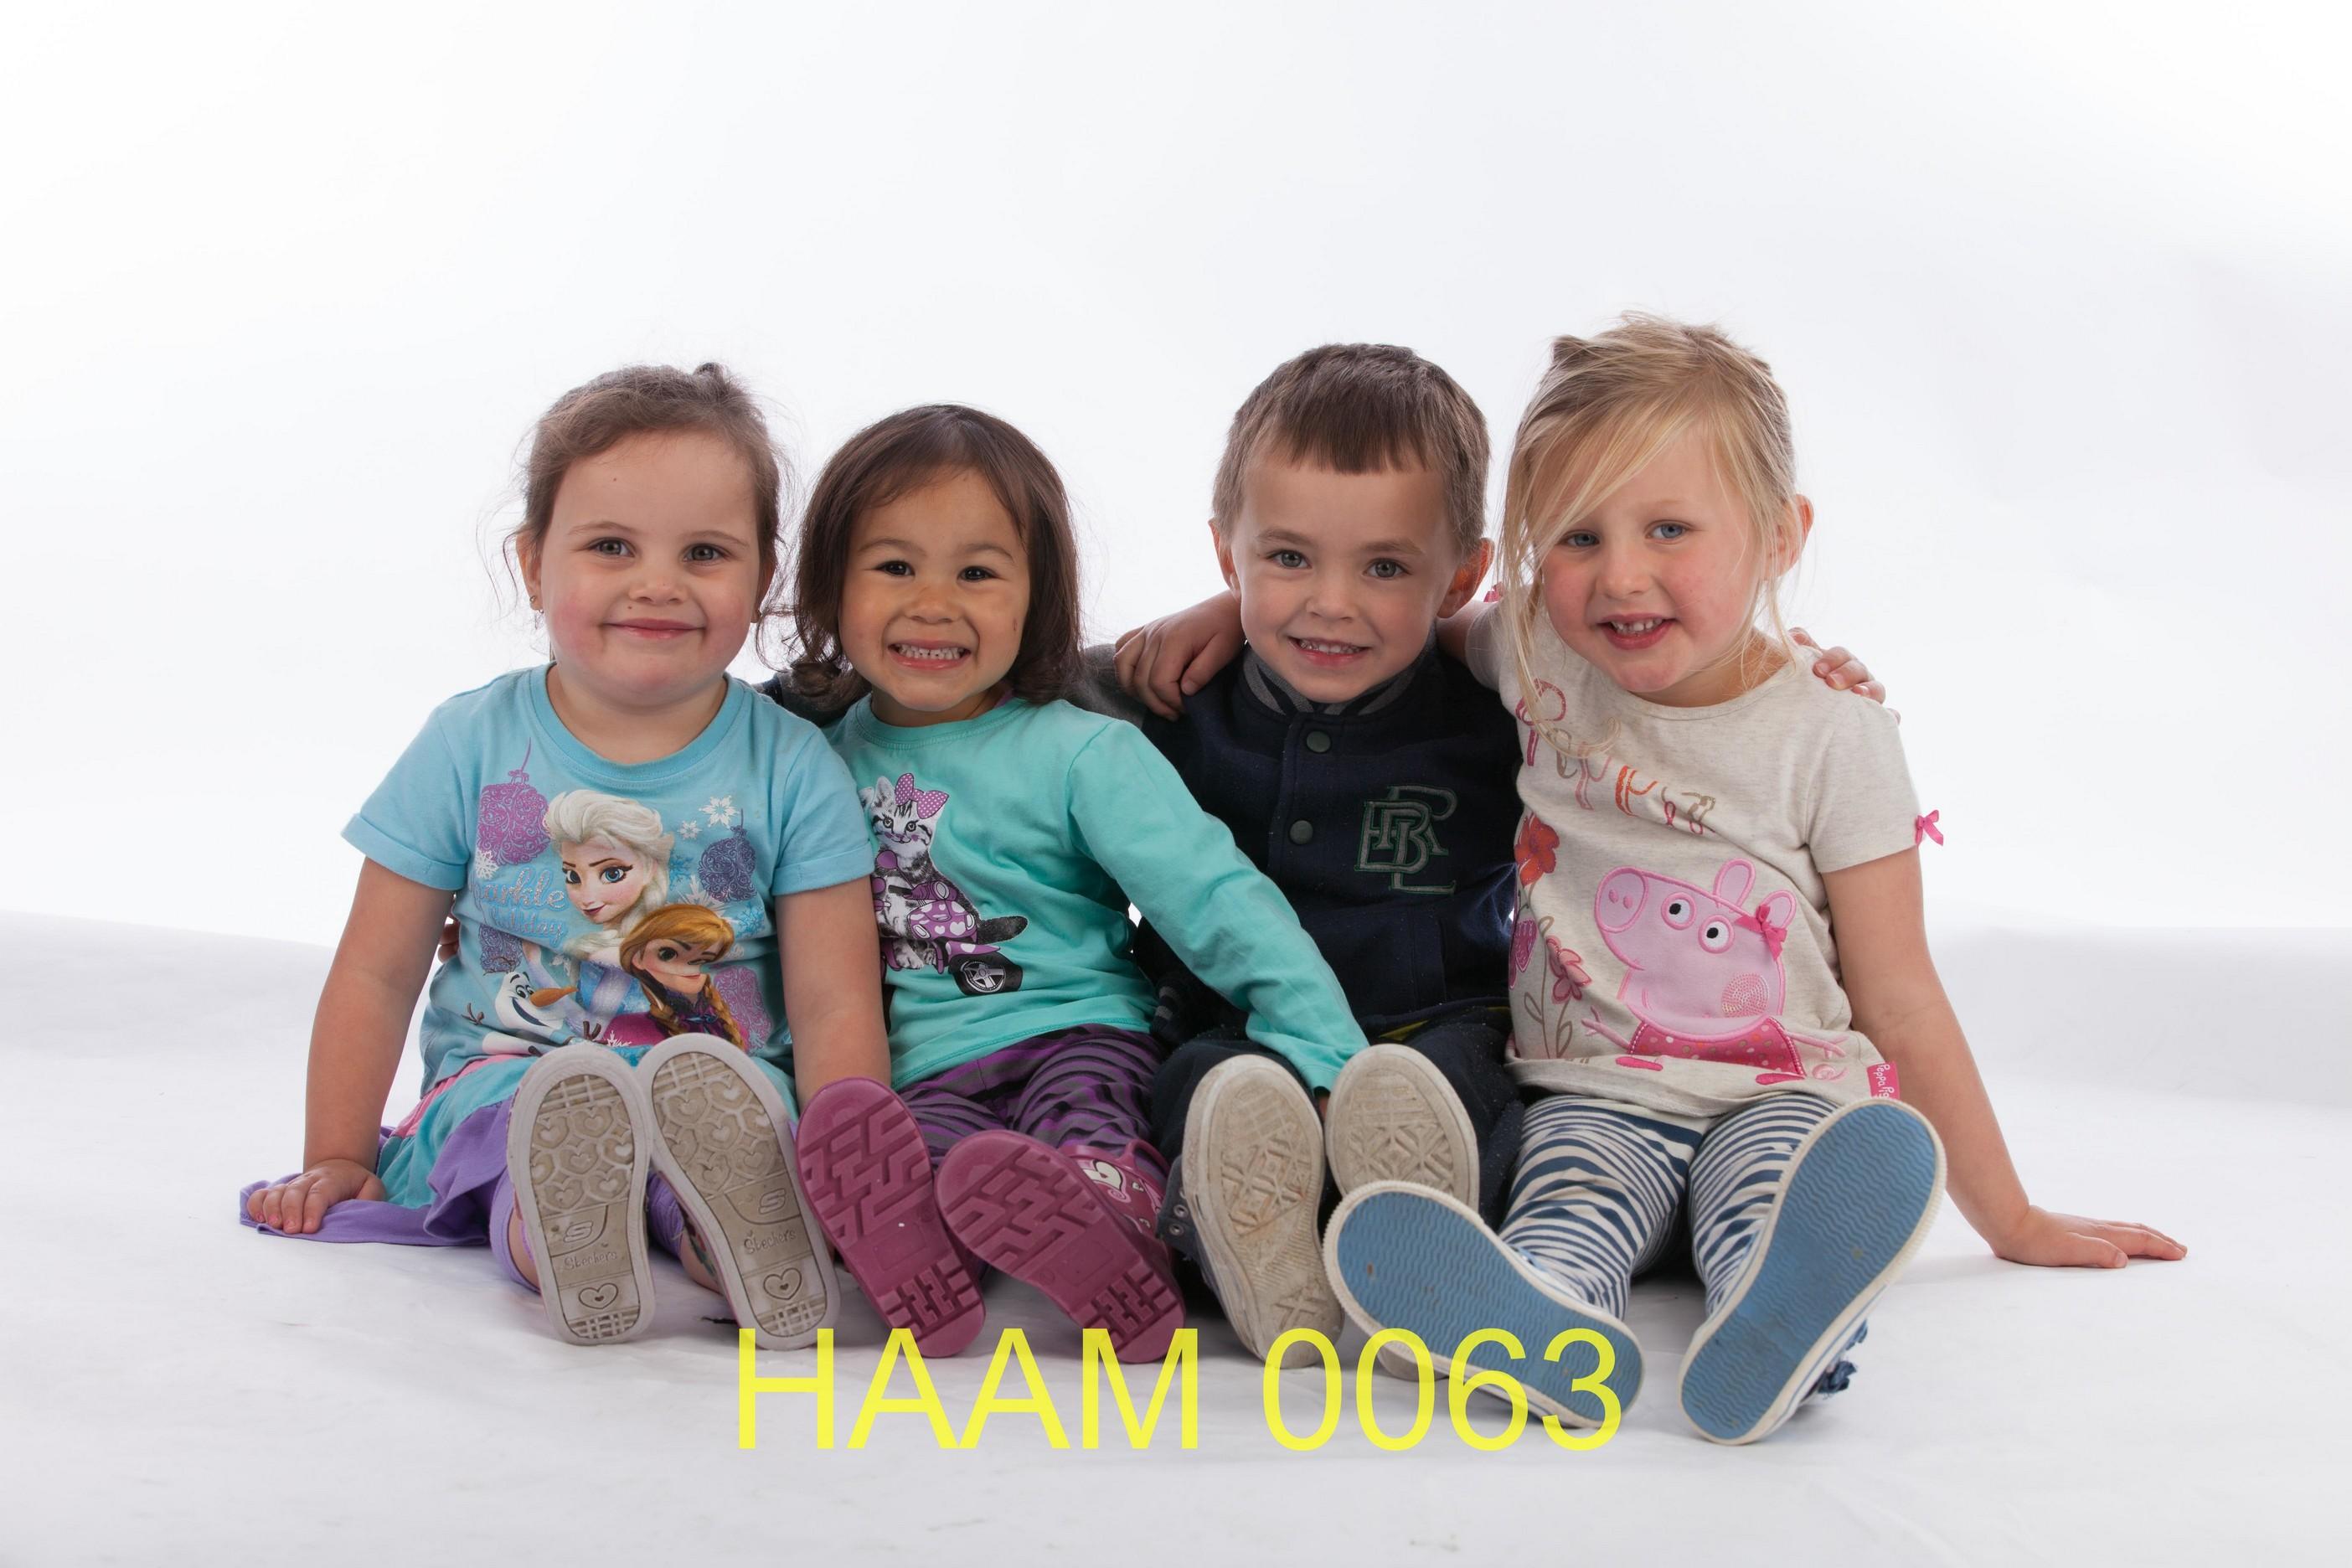 HAAM 0063